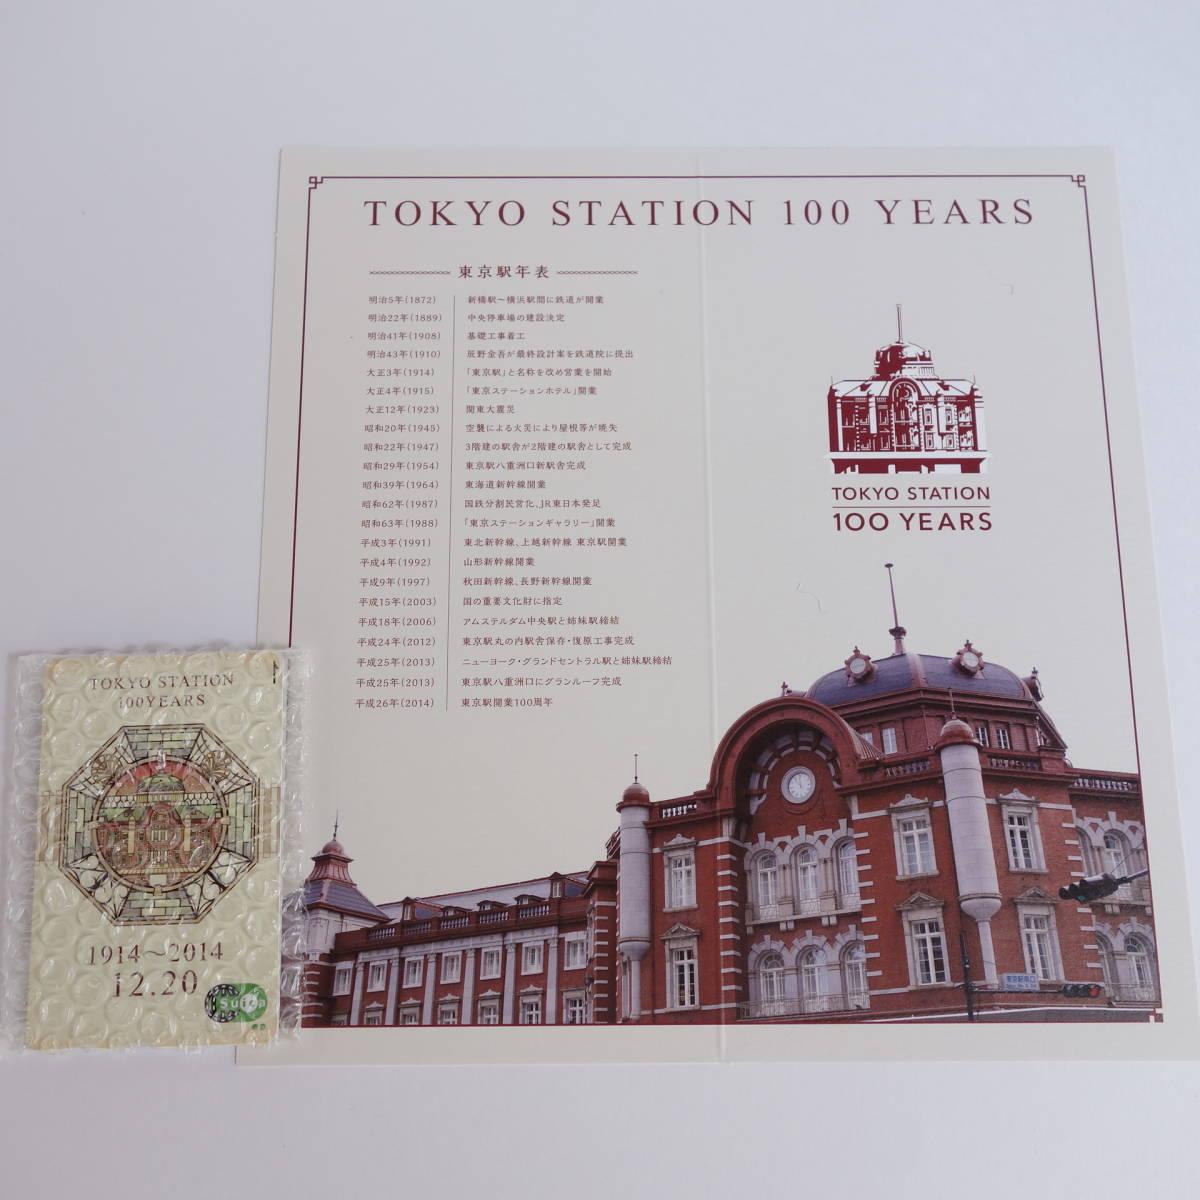 東京駅開業100周年記念 Suica 台紙付【新品・完全未使用】_画像2